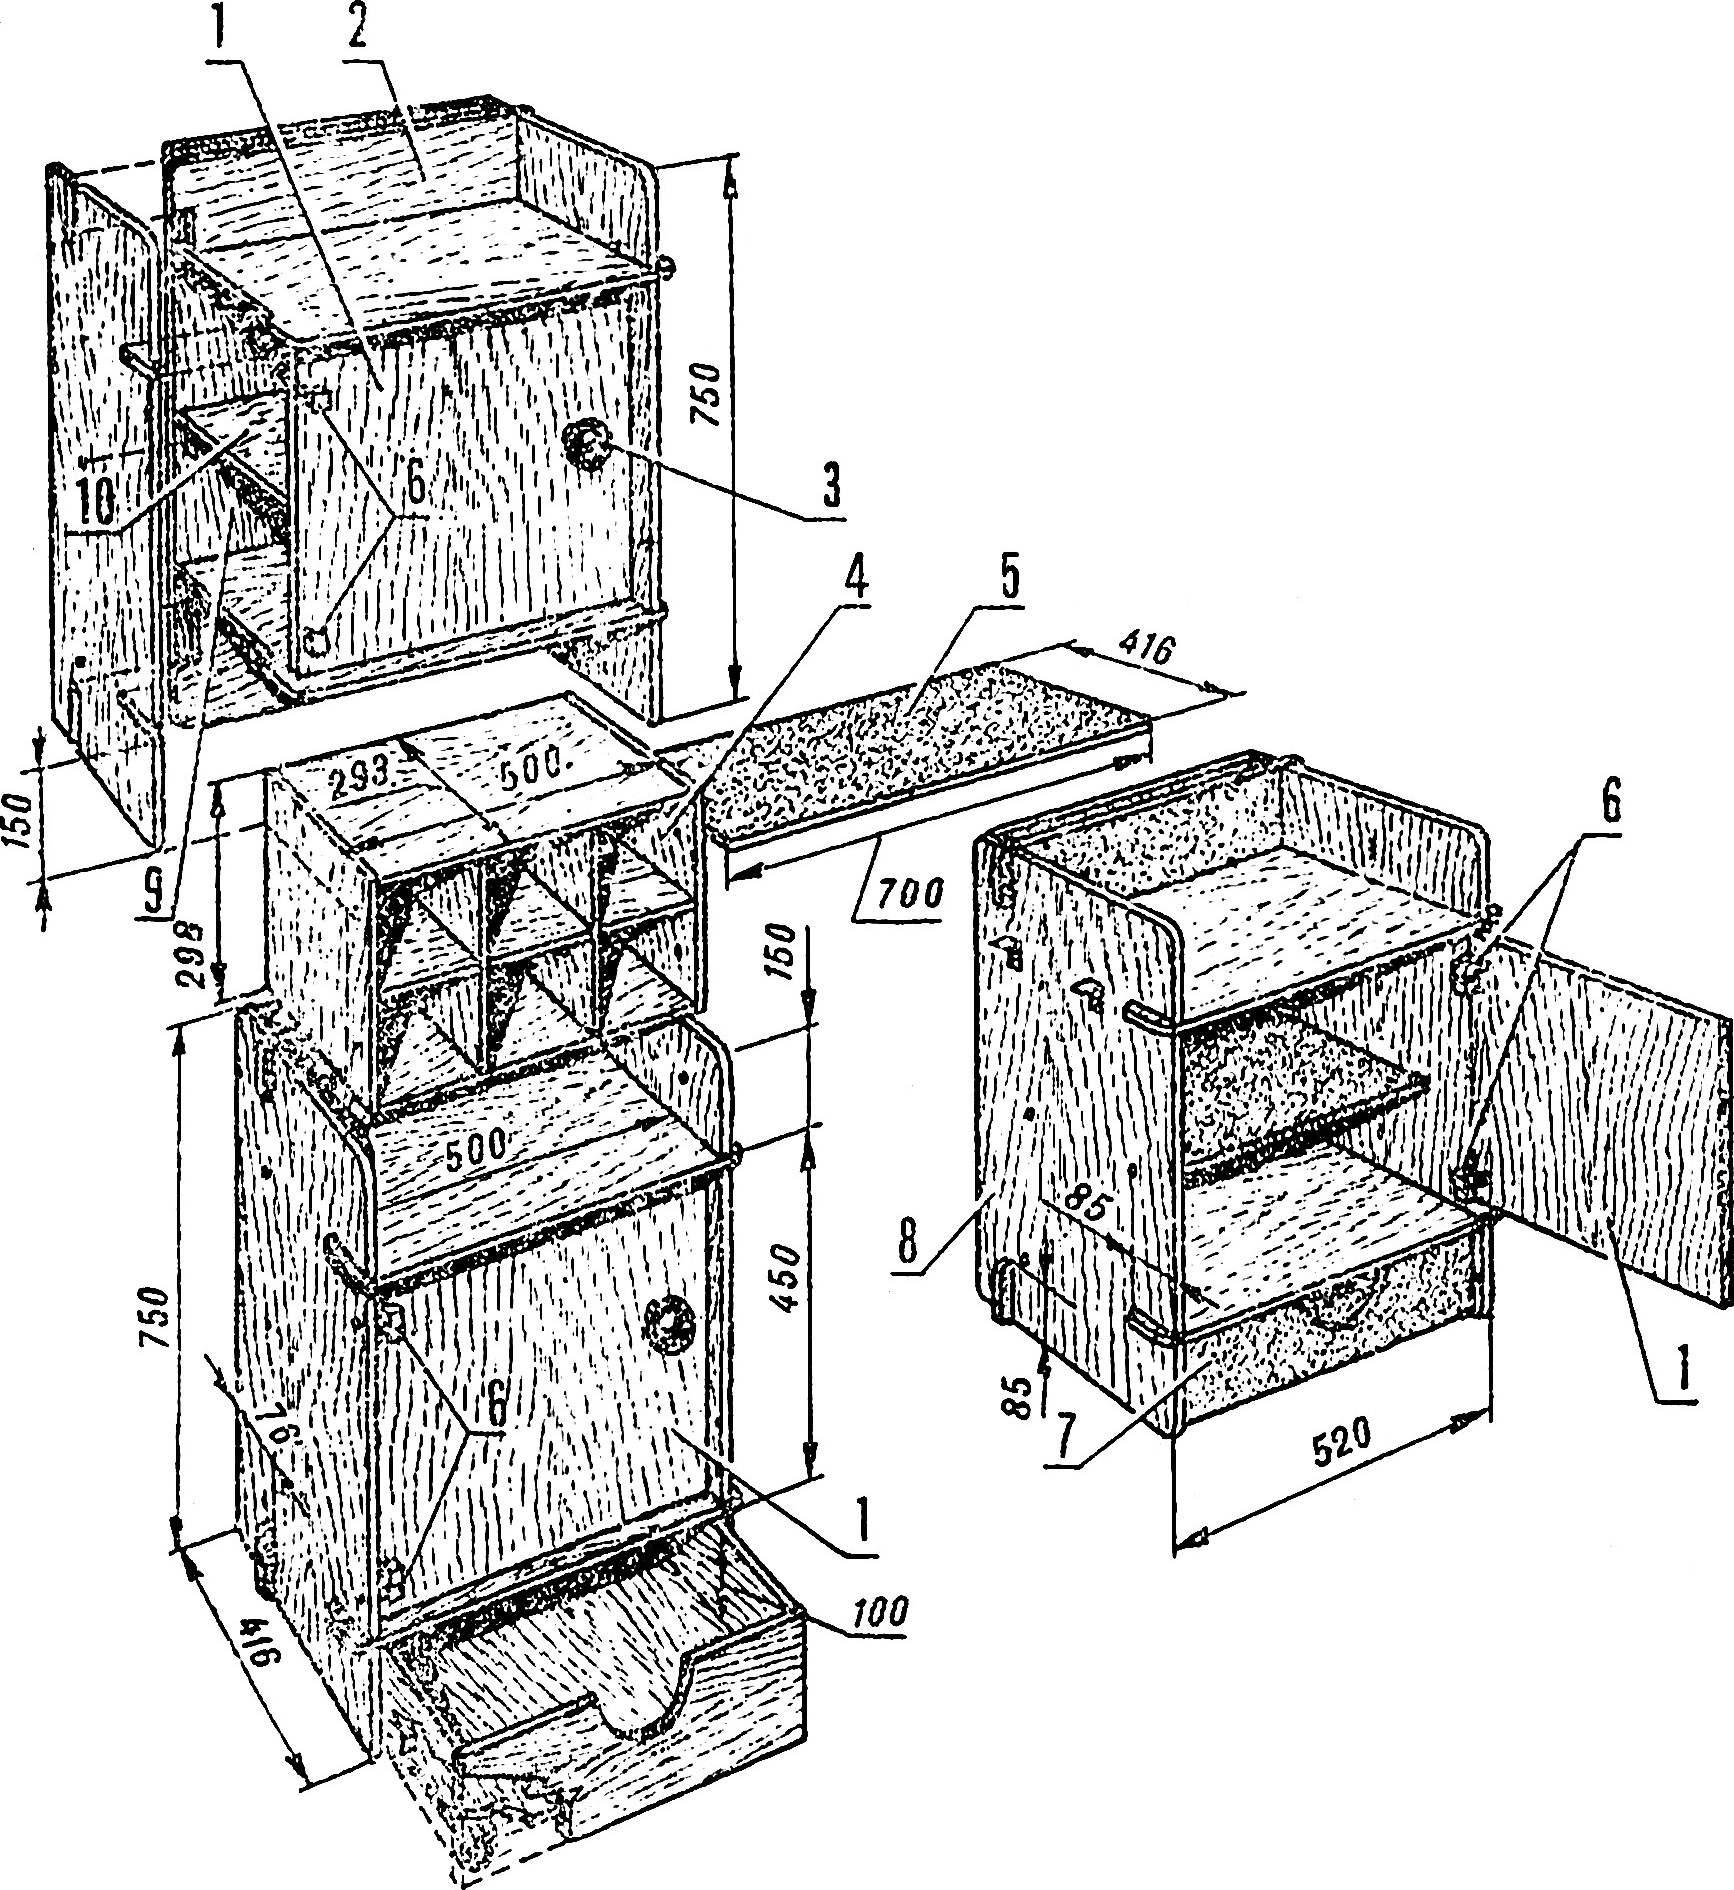 Рис. 2. Мебельная секция.